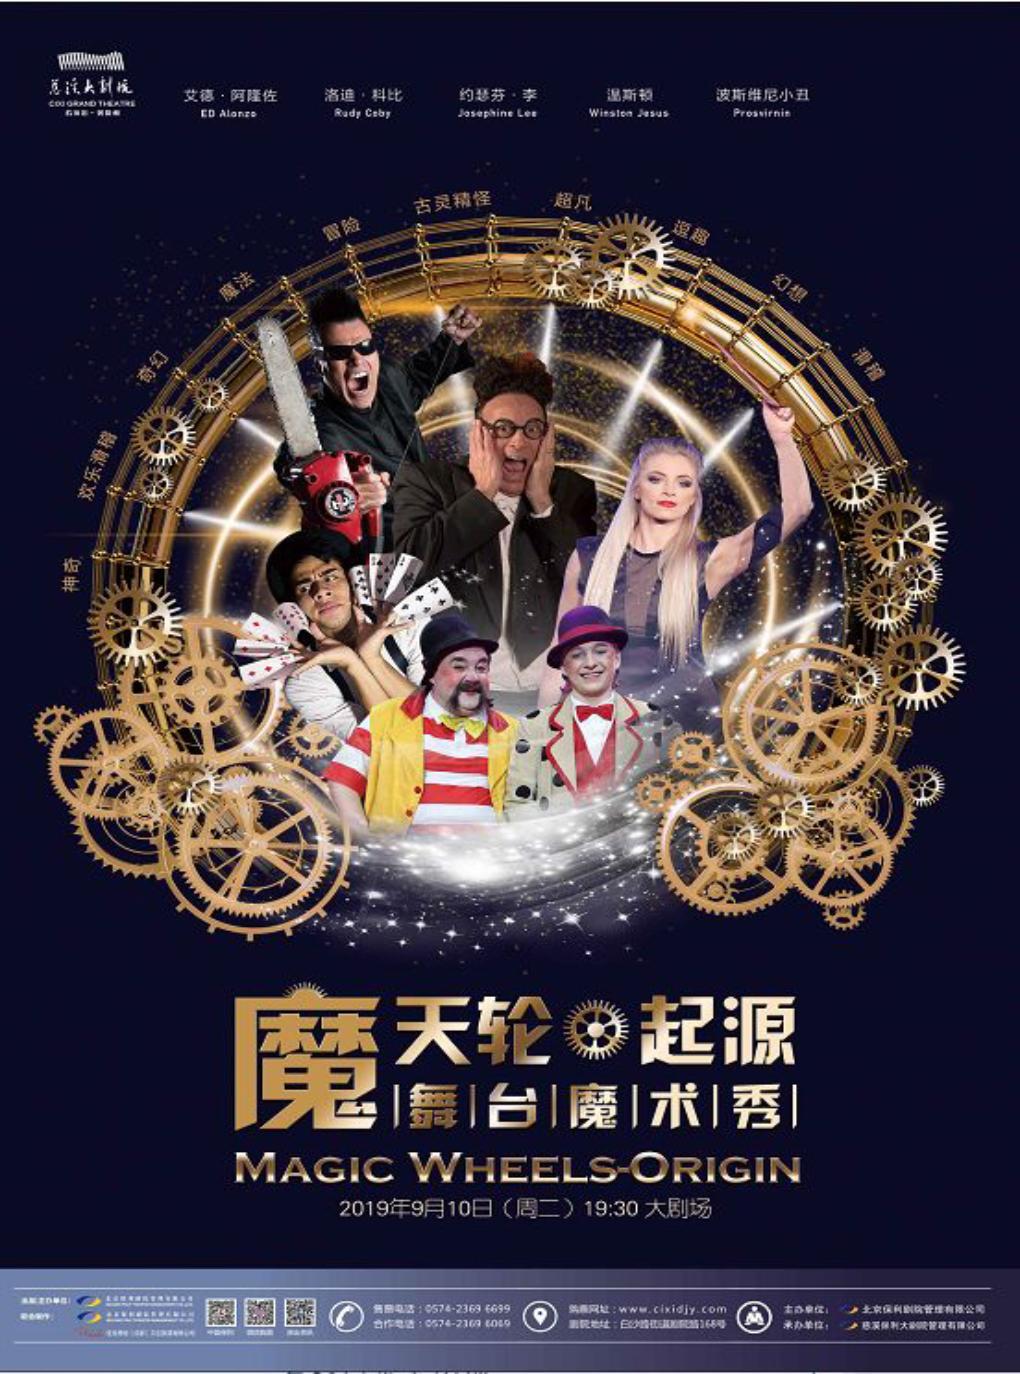 宁波 大型舞台魔术秀《魔天轮·起源》